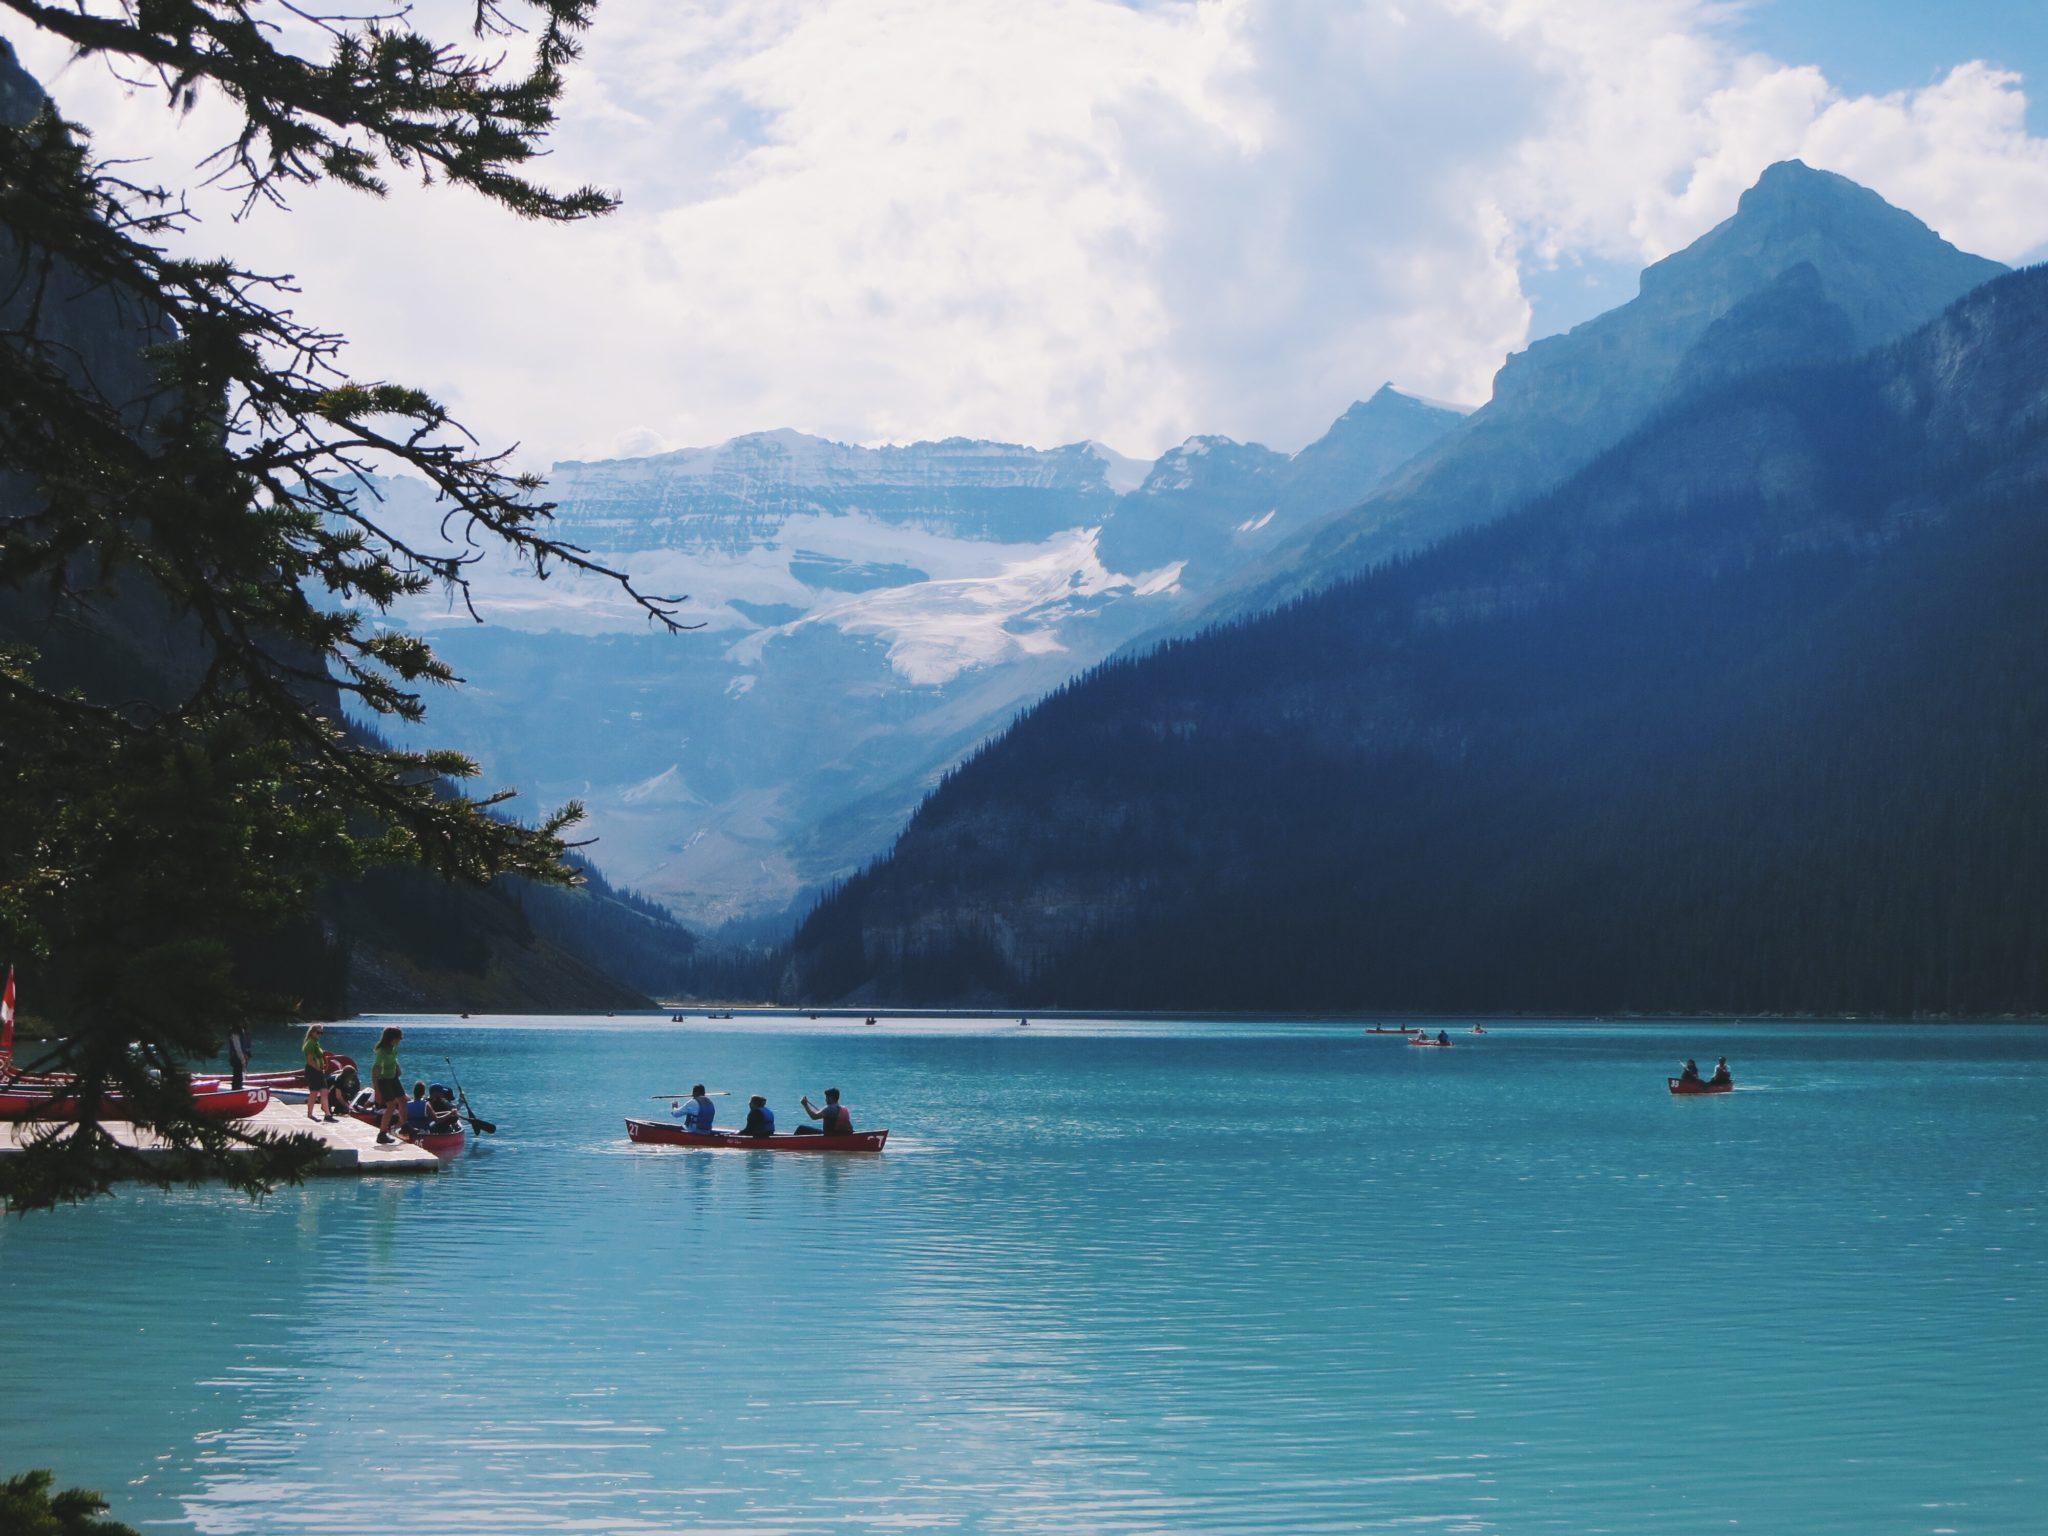 Vancouver to Calgary Roadtrip: Whistler, Jasper, Banff, Yoho, Golden